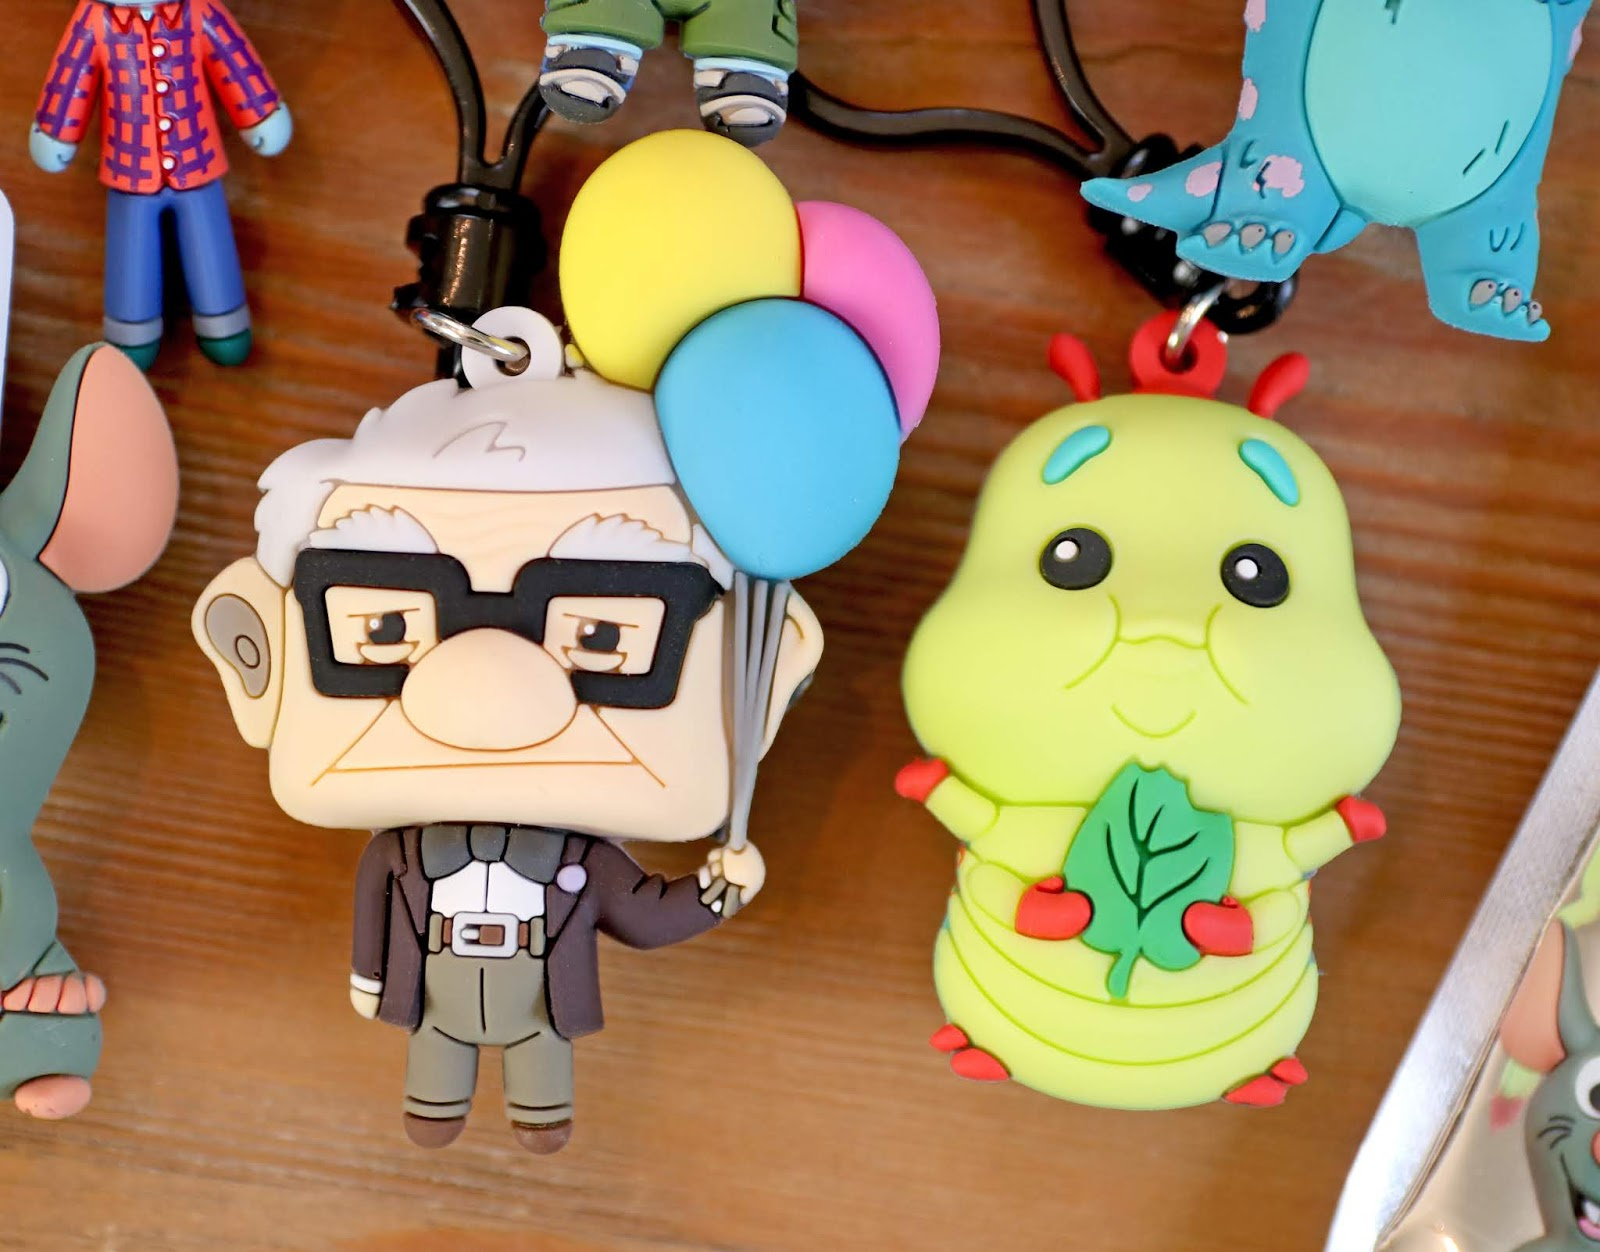 monogram figural bag clip blind bags pixar series